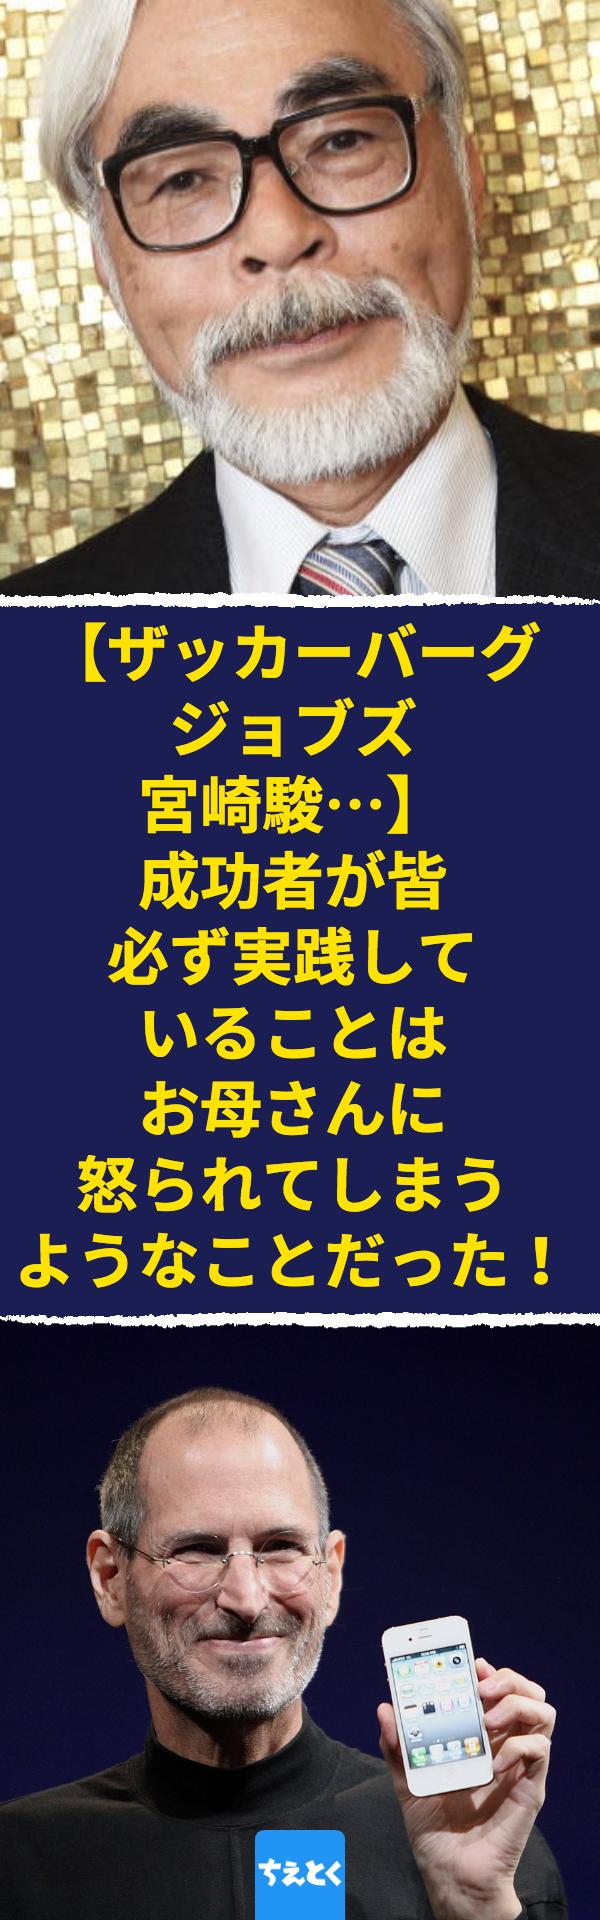 ザッカーバーグ ジョブズ 宮崎駿 成功者が皆必ず実践していること